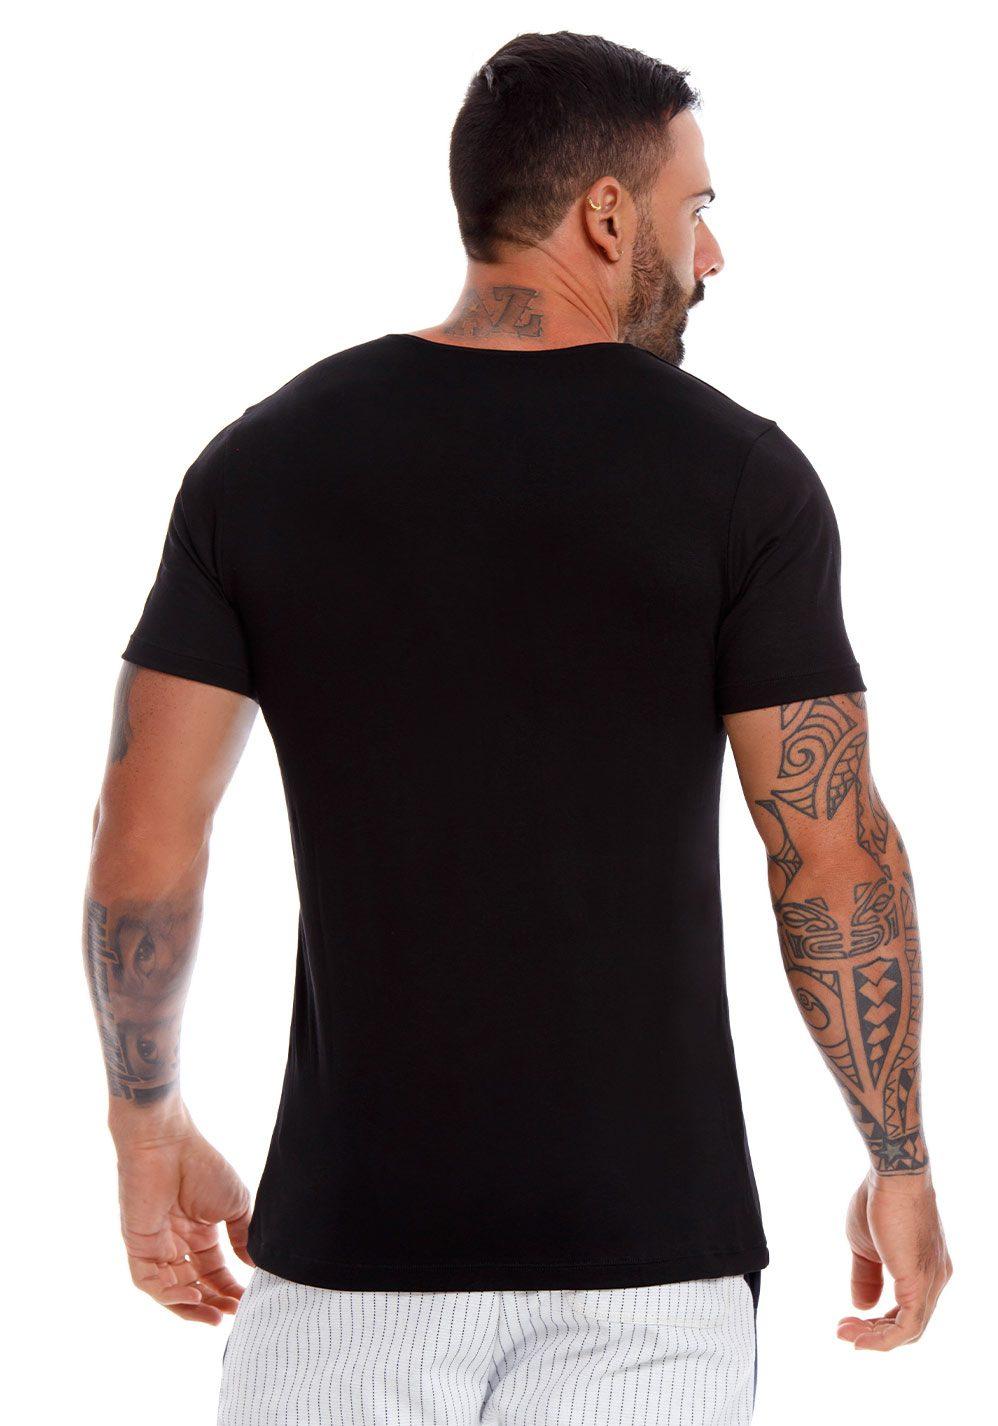 JOR T-Shirt Cross | Black